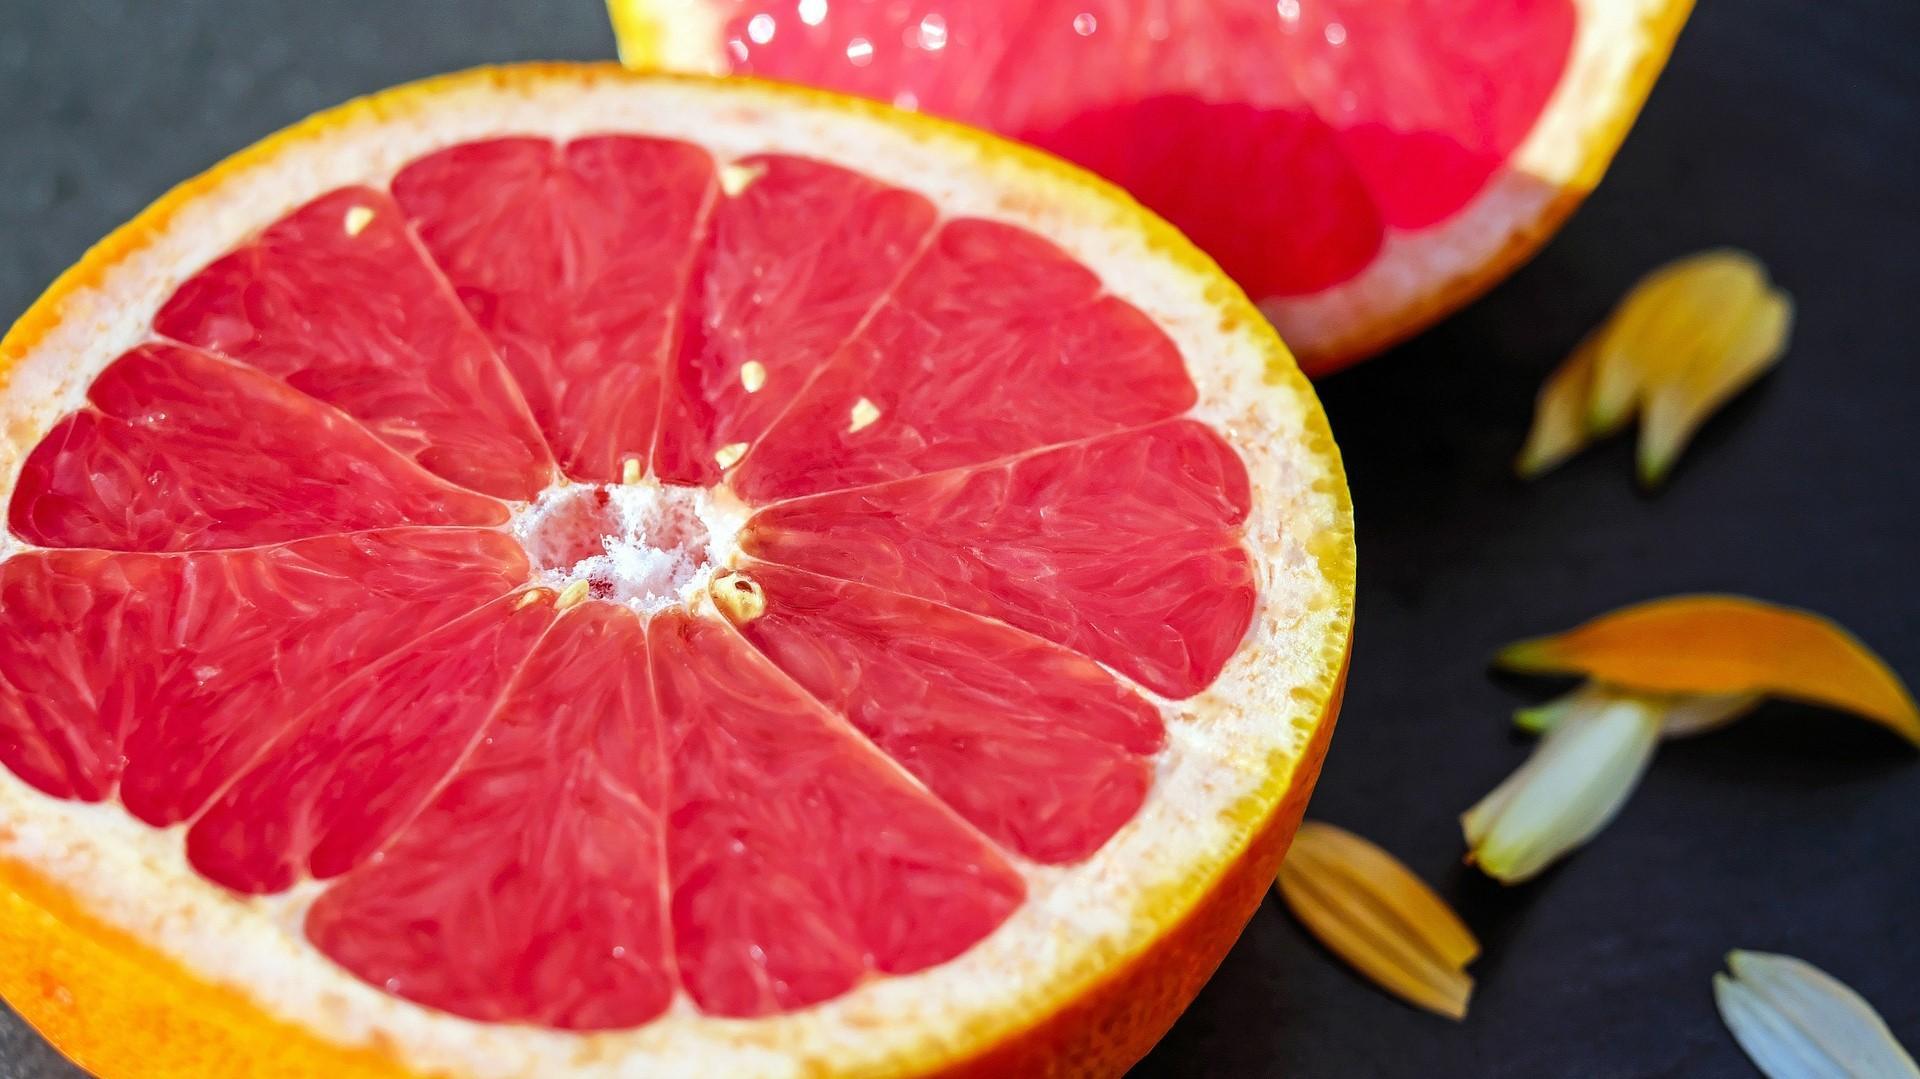 Grapefruitkernextrakt: Wirkung und Anwendung